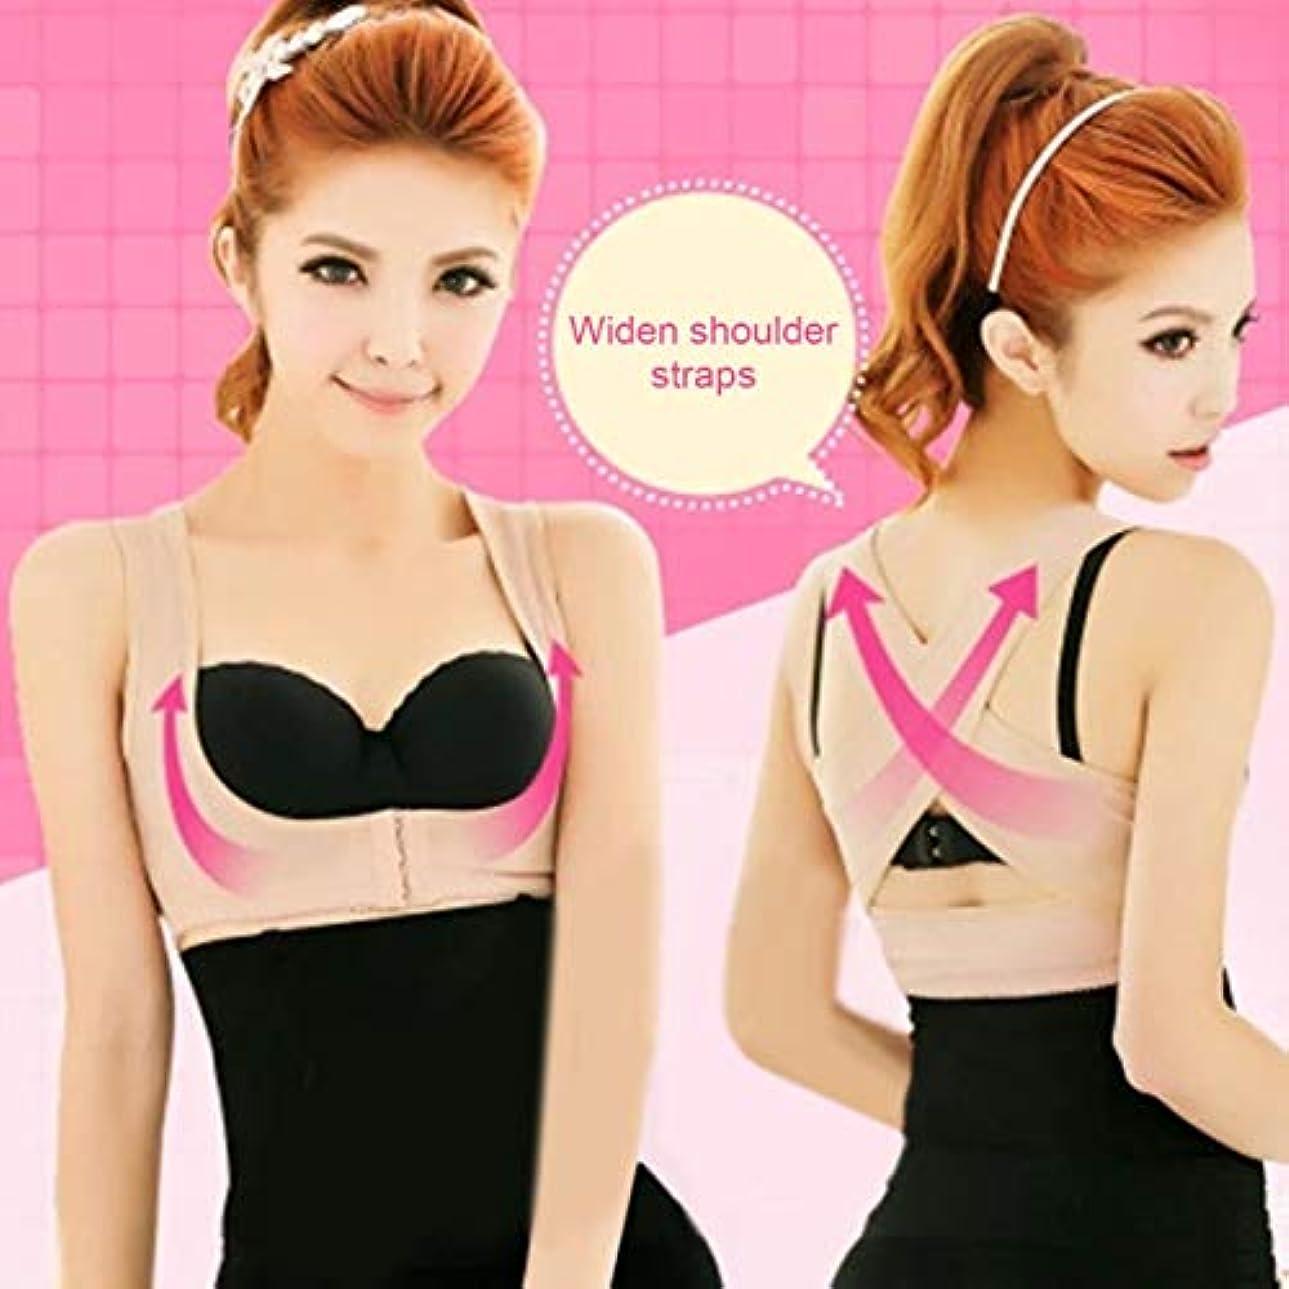 割れ目記念品ネックレットPosture Corrector Women Chest Brace Up Prevent Chest Sagging And Humpback Bra Cross Strap Vest Body Shaper Slimming Underwear